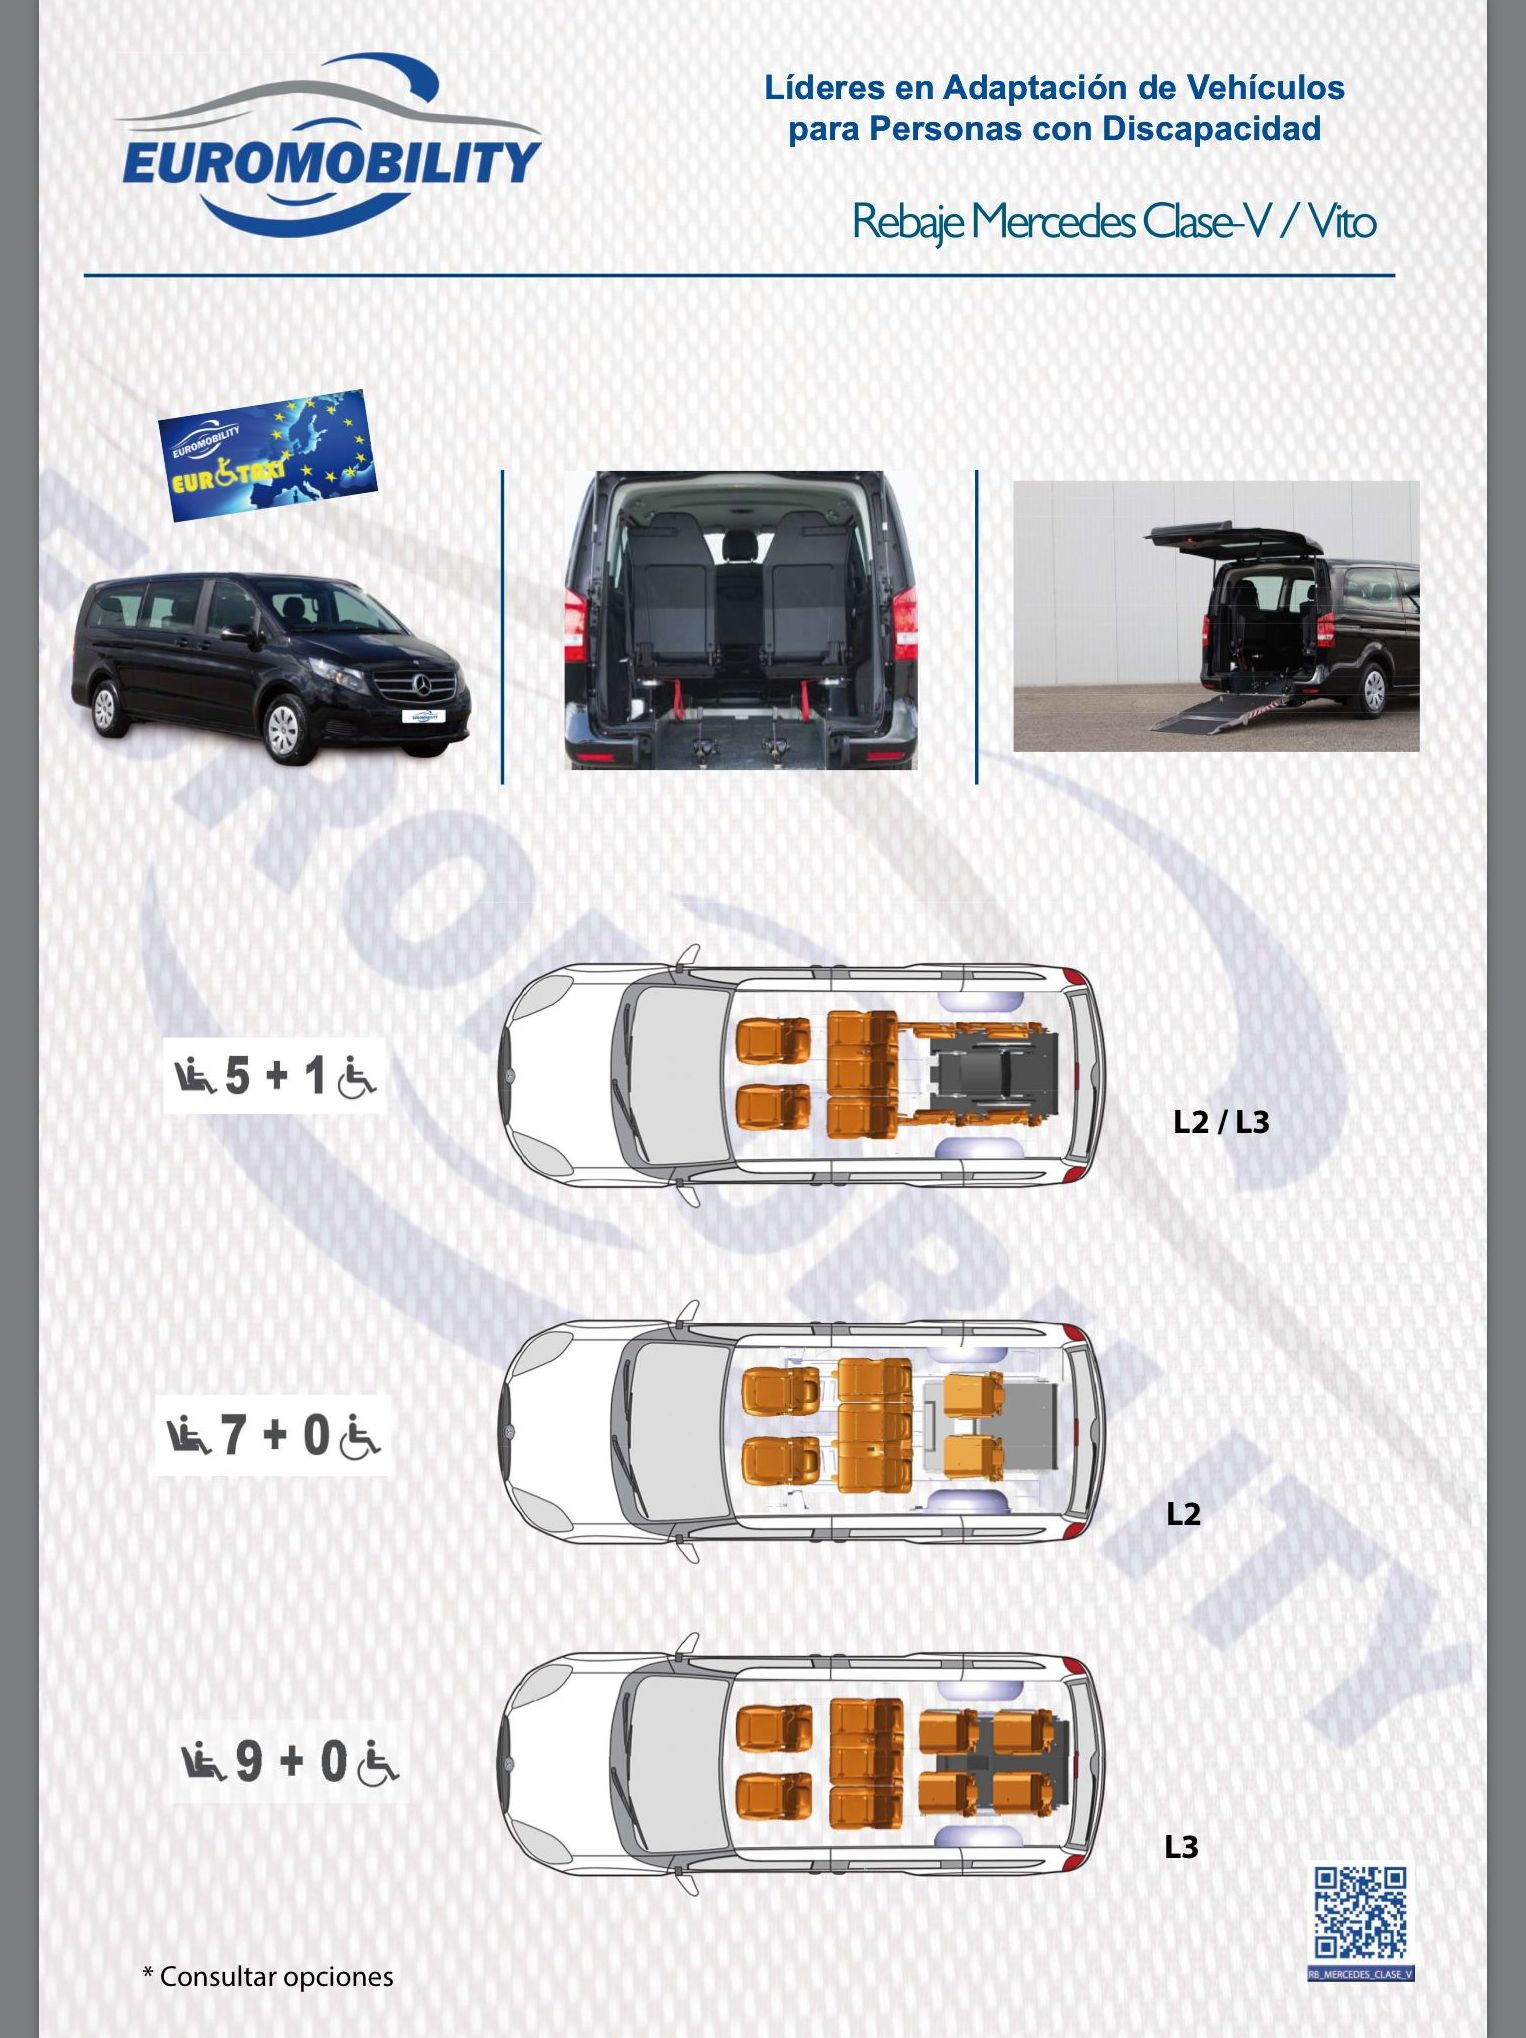 Mercedes Vito clase V Rebaje de piso cajeado adaptación de vehículos Asturias